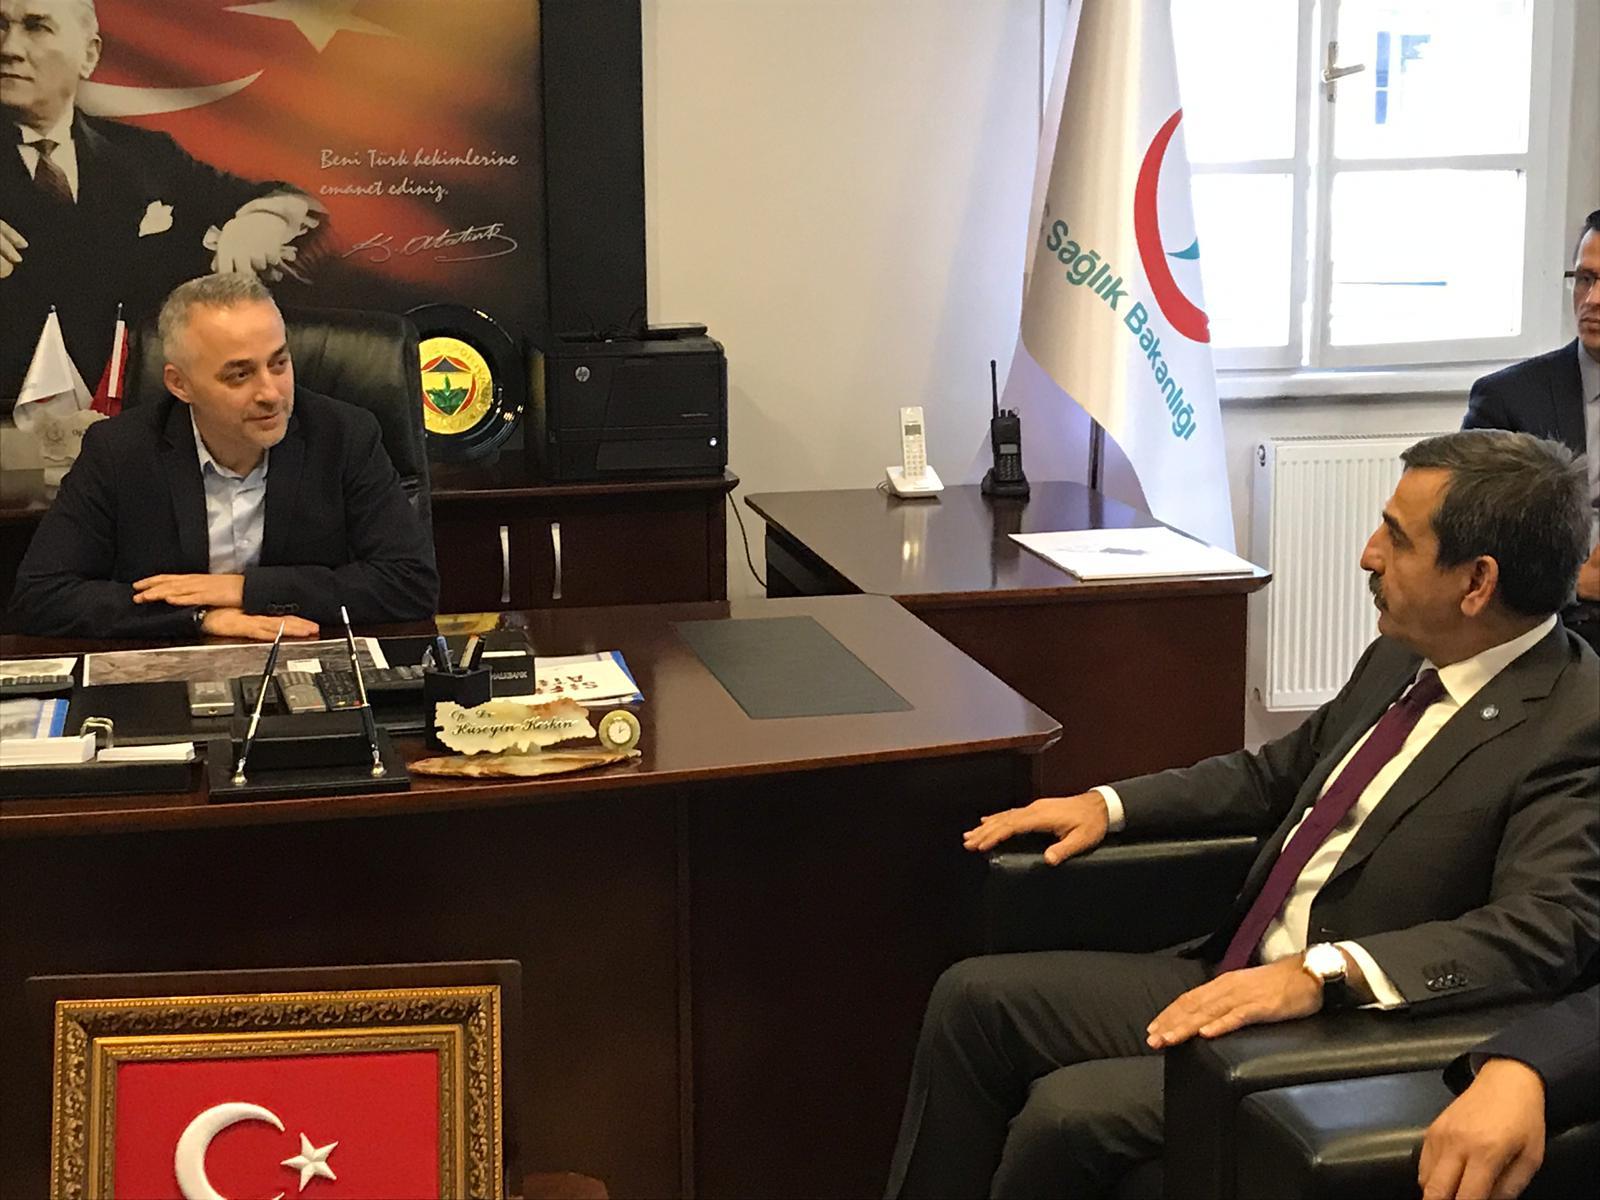 Genel Başkanımız Önder Kahveci ve Genel Başkan Yardımcımız İsmail  Türk Çankırı'yı ziyaret ettiler. Ziyarette İl temsilcimiz Serhat Gökçe ile birlikte Çankırı İl Sağlık Müdürü Op. Dr. Sayın hüseyin keskin'i ziyaret ettiler. Çankırı'da görev yapan sağlık çalışanlarının sorunlarını ve taleplerini aktardılar.   Ziyaretin ardından Türk Eğitim-Sen Çankırı Şubesinin yenilenen hizmet binasının açılış törenine katıldılar. Törene MHP Genel Başkan Yardımcısı ve Ankara Milletvekili Yaşar Yıldırım, Türkiye Kamu-Sen Genel Sekreteri ve Türk Eğitim-Sen Genel Başkanı Talip Geylan, Türkiye Kamu-Sen Genel Mevzuat Sekreteri ve Türk Yerel Hizmet-Sen Genel Başkanı Mustafa Yorulmaz, Genel Merkez Yöneticilerimiz, Şube Başkanlarımız ve çok sayıda davetli katıldı.